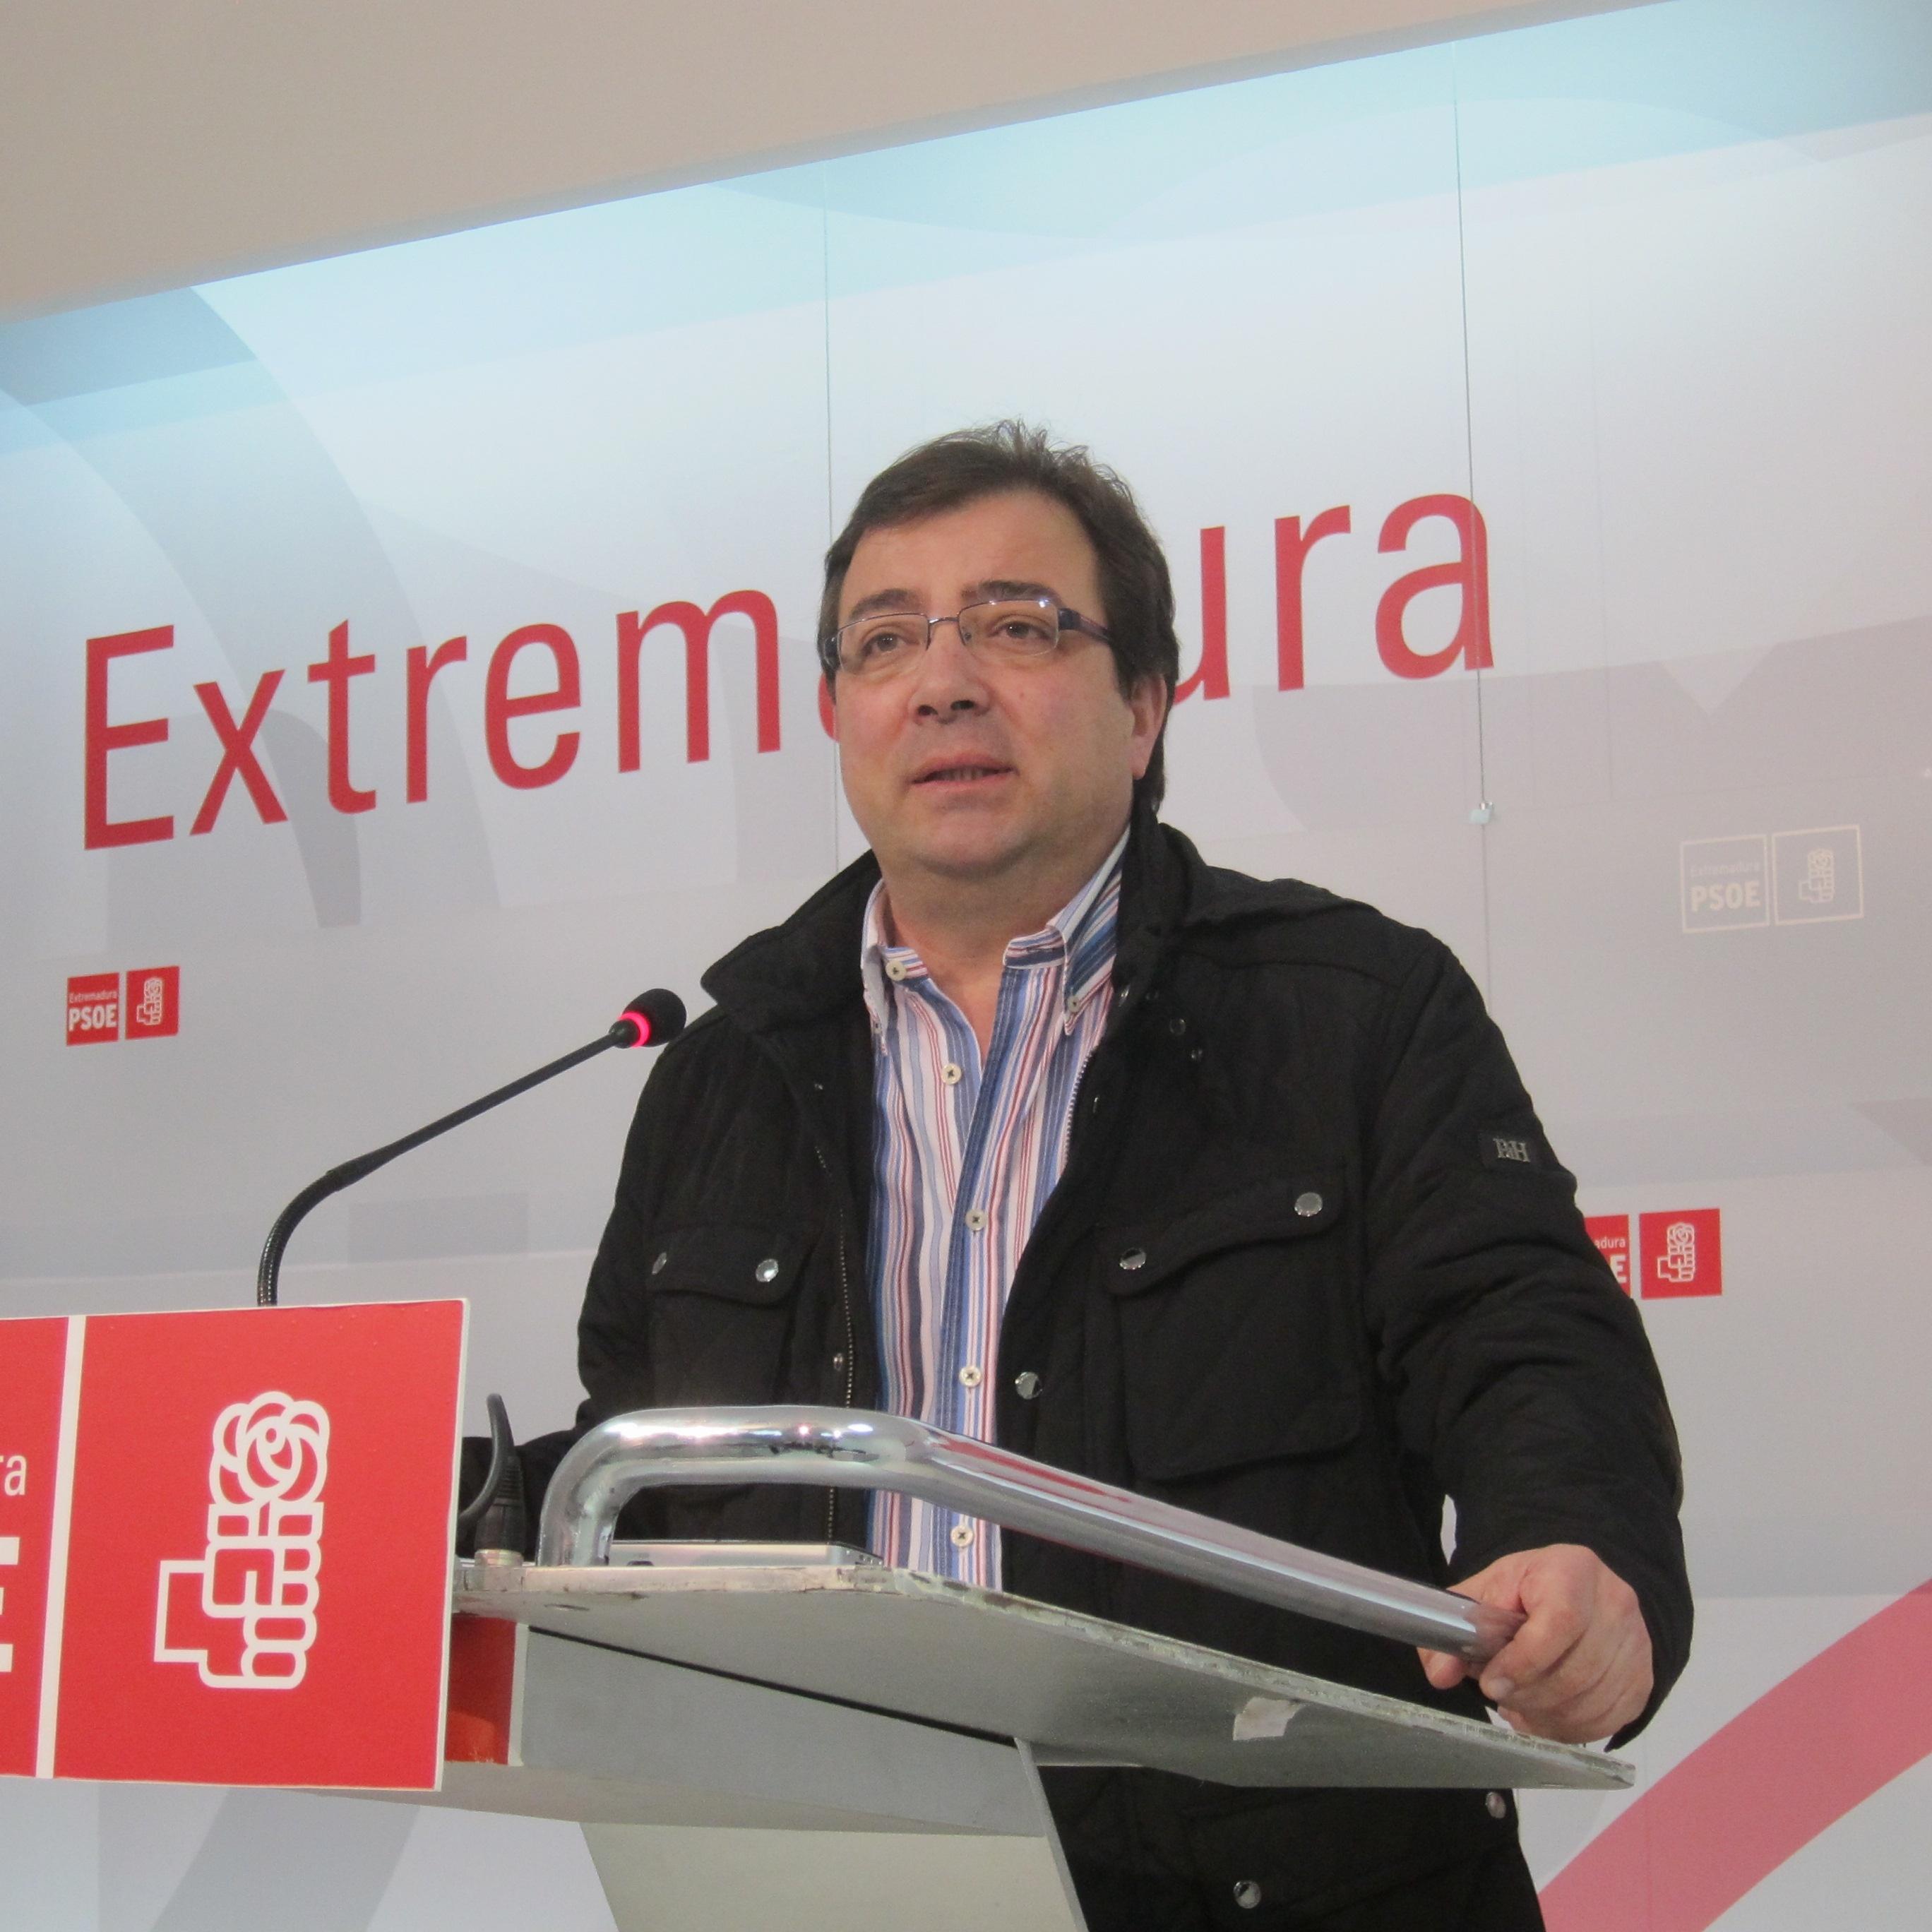 Vara constata el «fracaso de Monago» que en dos años ha situado a Extremadura «otra vez en el furgón de cola»